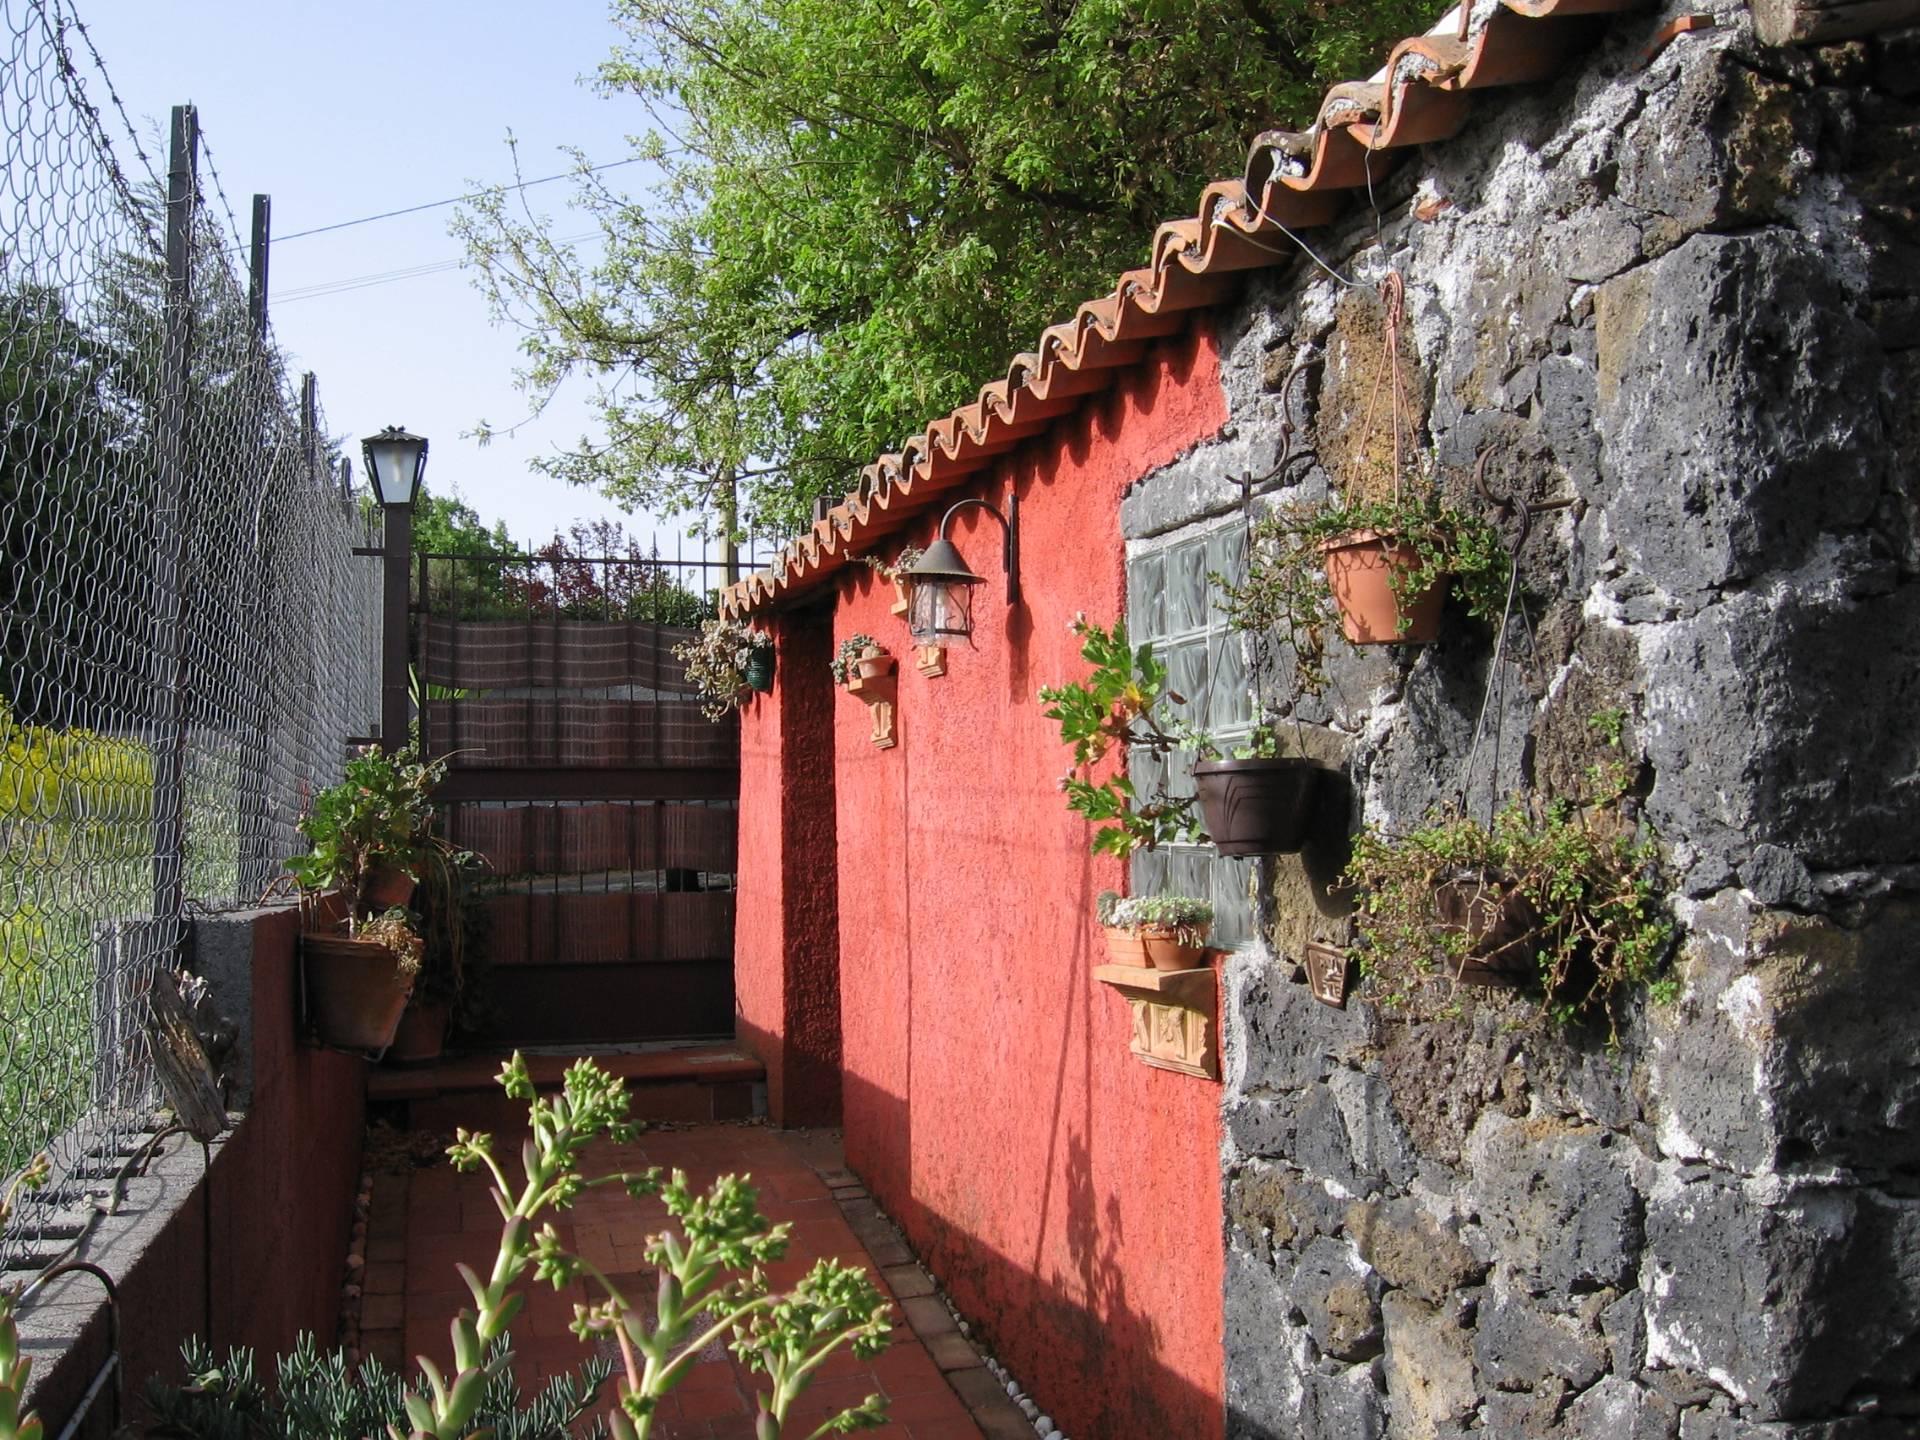 Rustico / Casale in vendita a Viagrande, 1 locali, prezzo € 79.000 | Cambio Casa.it